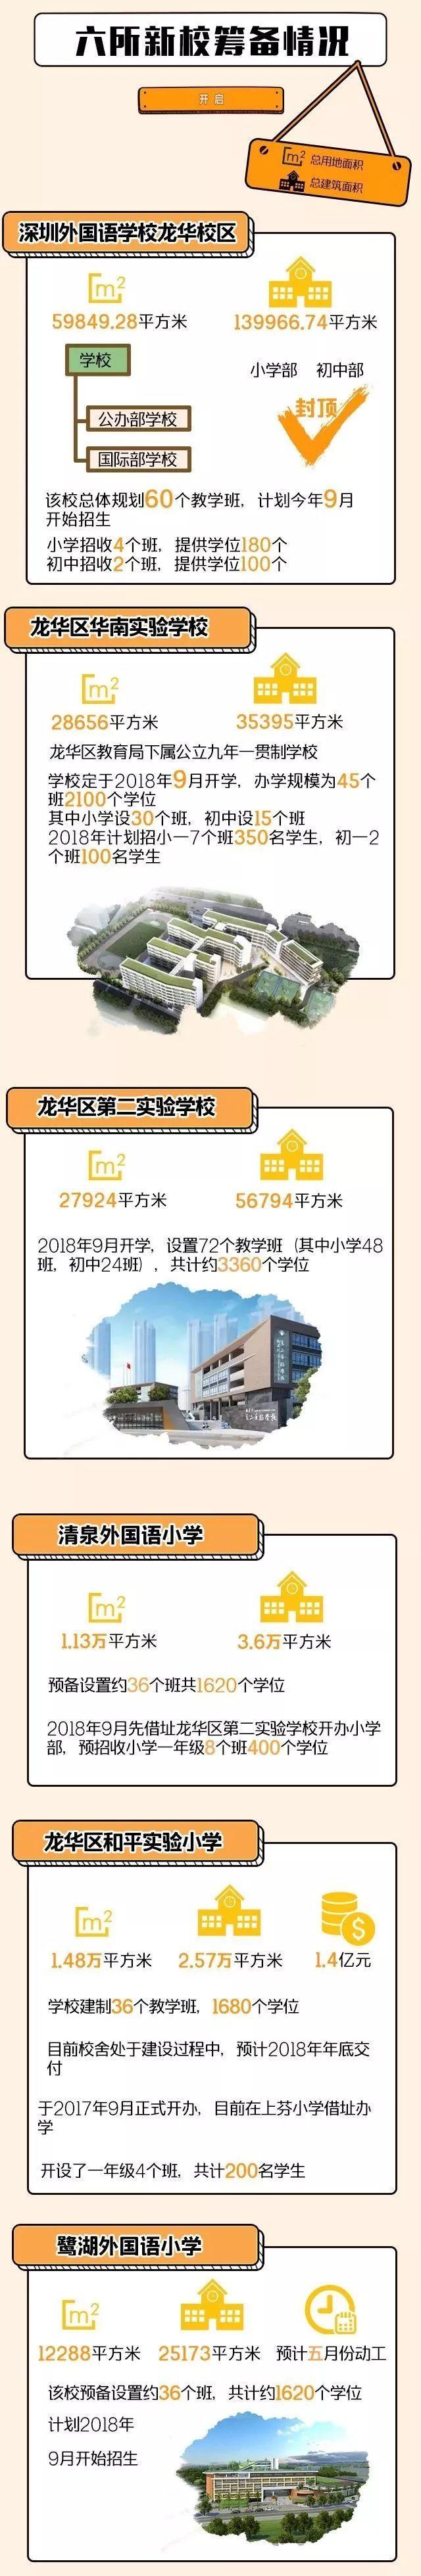 11160个新增学位!今年9月,龙华这6所新校将登场,还有...